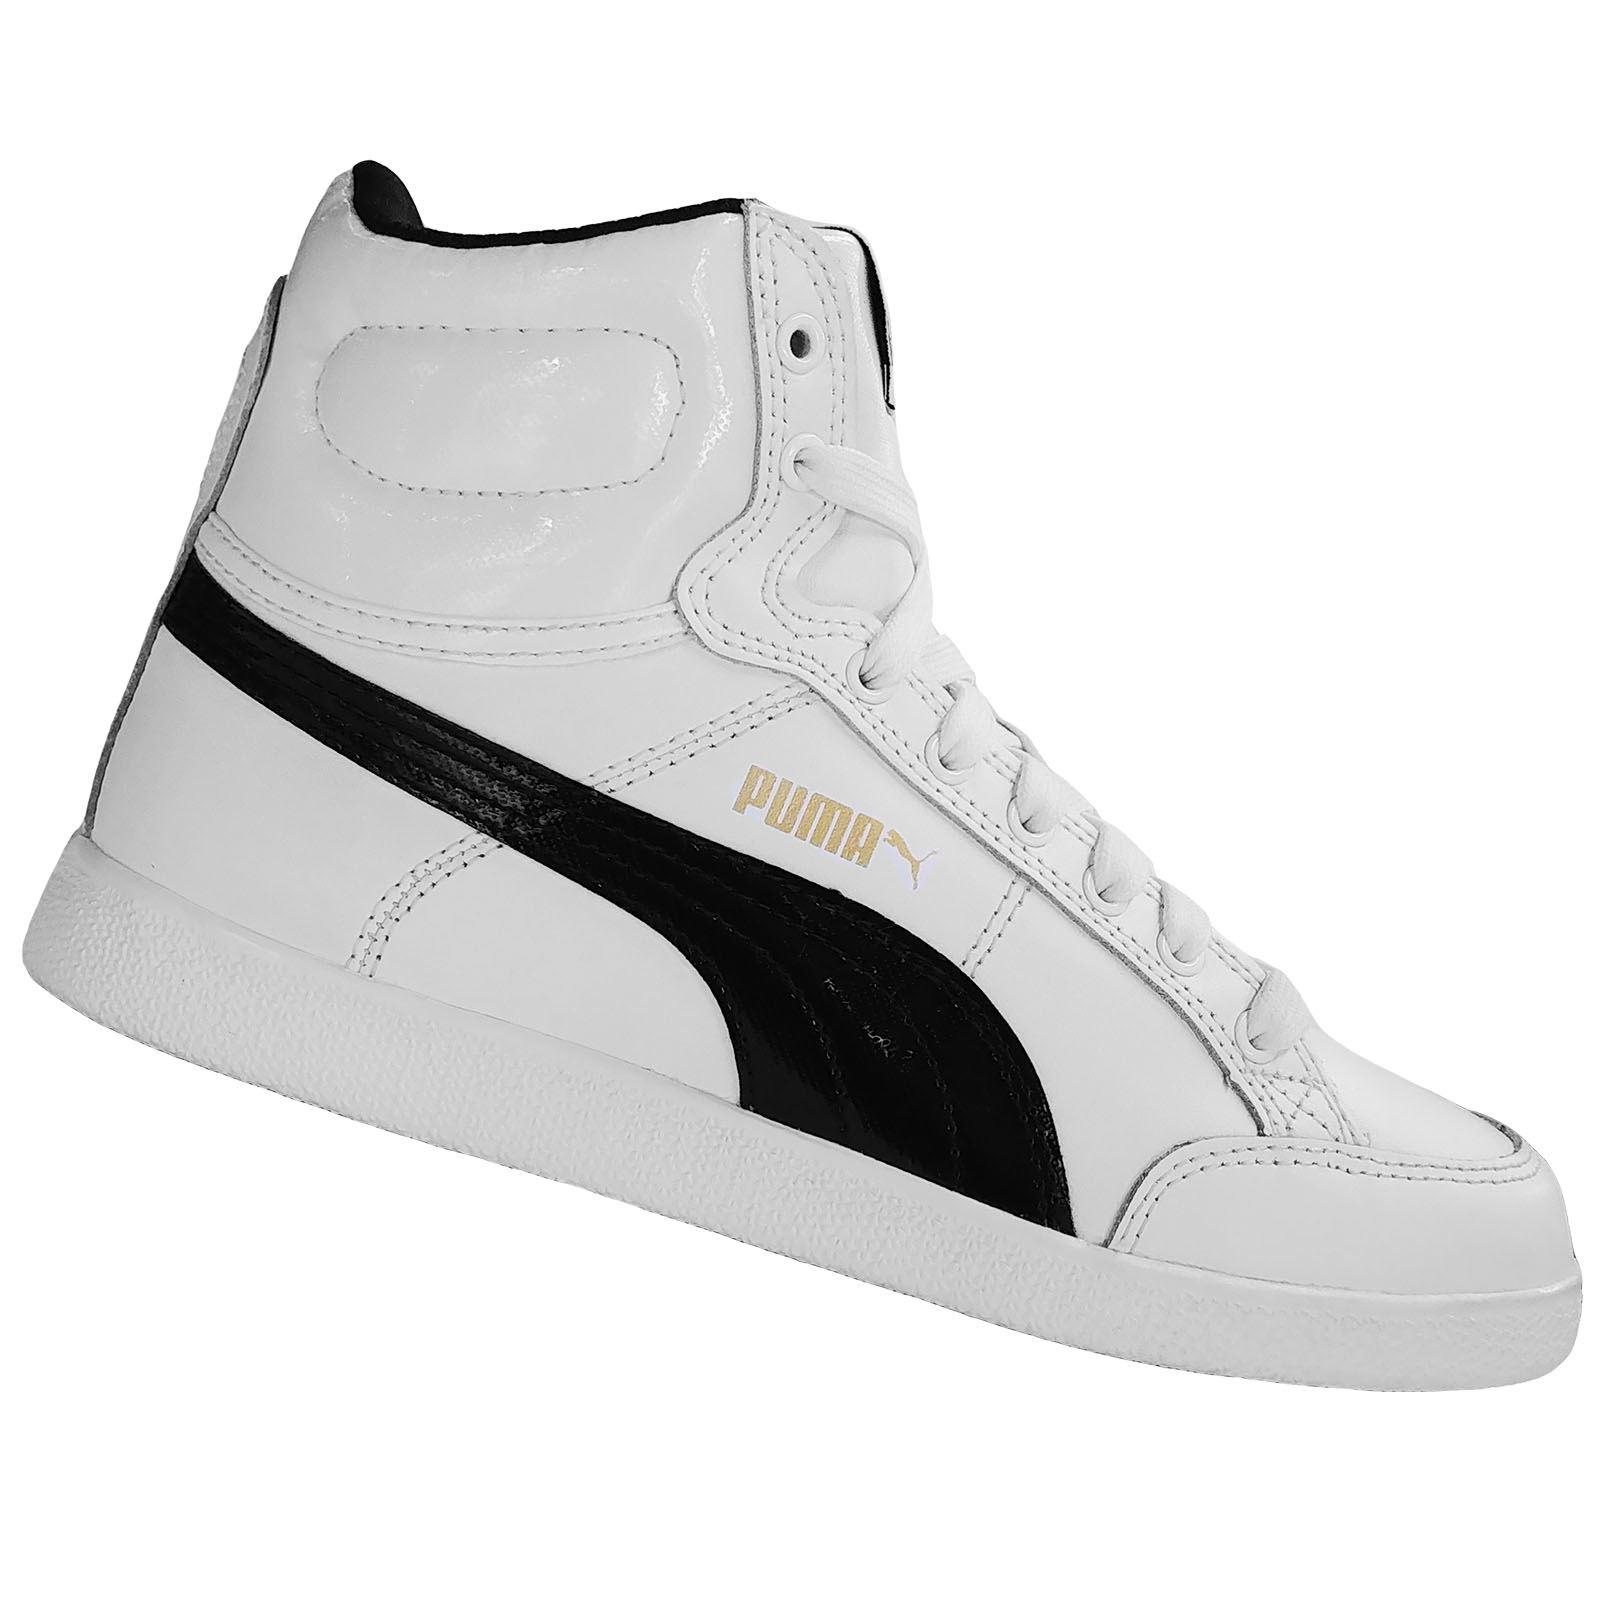 3fdef2422 Boutique Boys - Zapatilla Puma Ikaz Mid Blanco | Juntoz.com